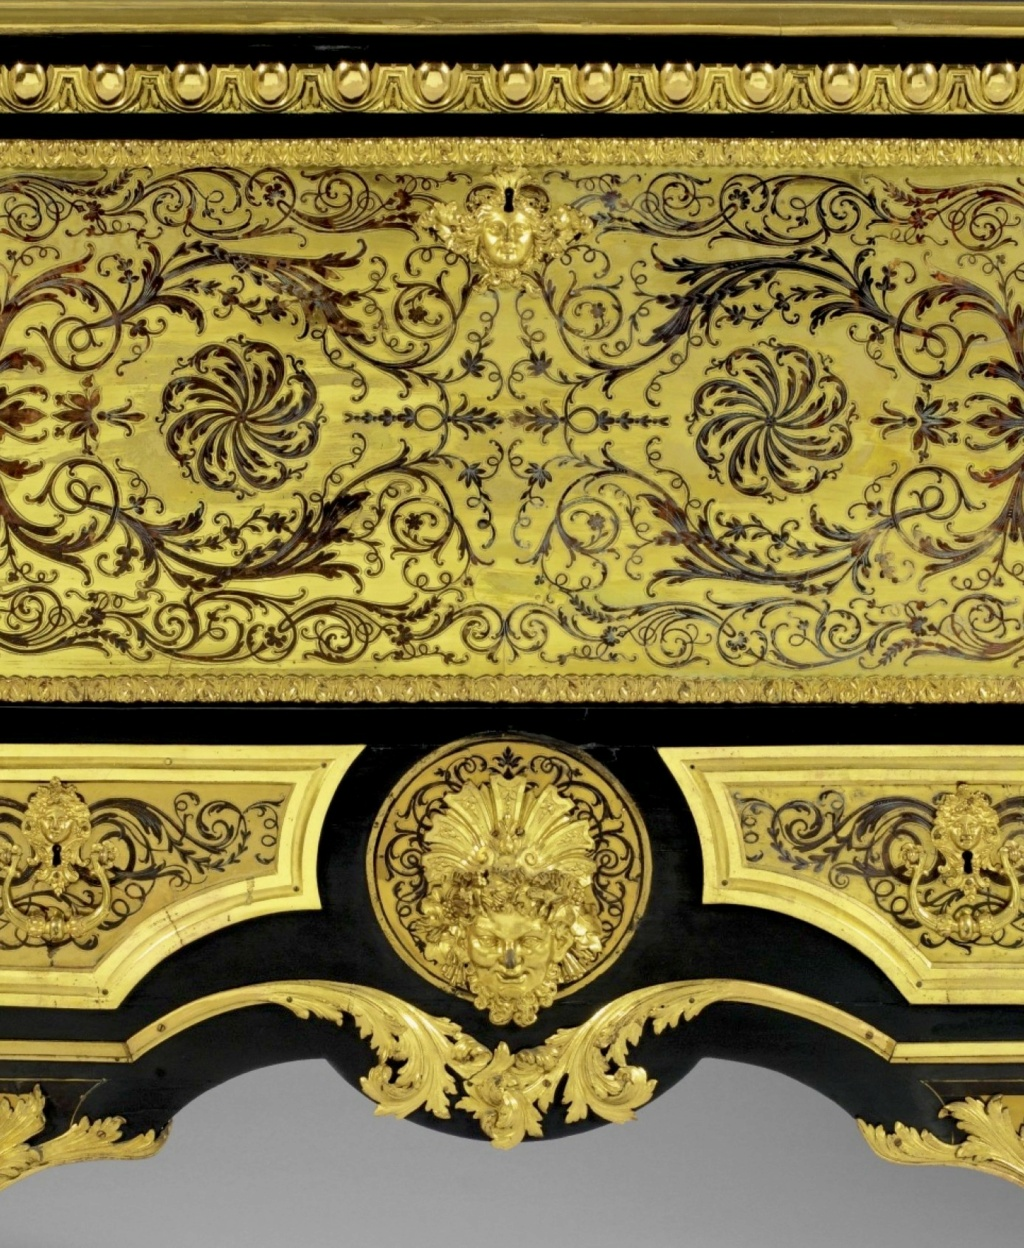 Le mobilier et le renouveau du « style Boulle » dans les années 1770-1780 : Etienne Levasseur et Adam Weisweiler Sotheb68